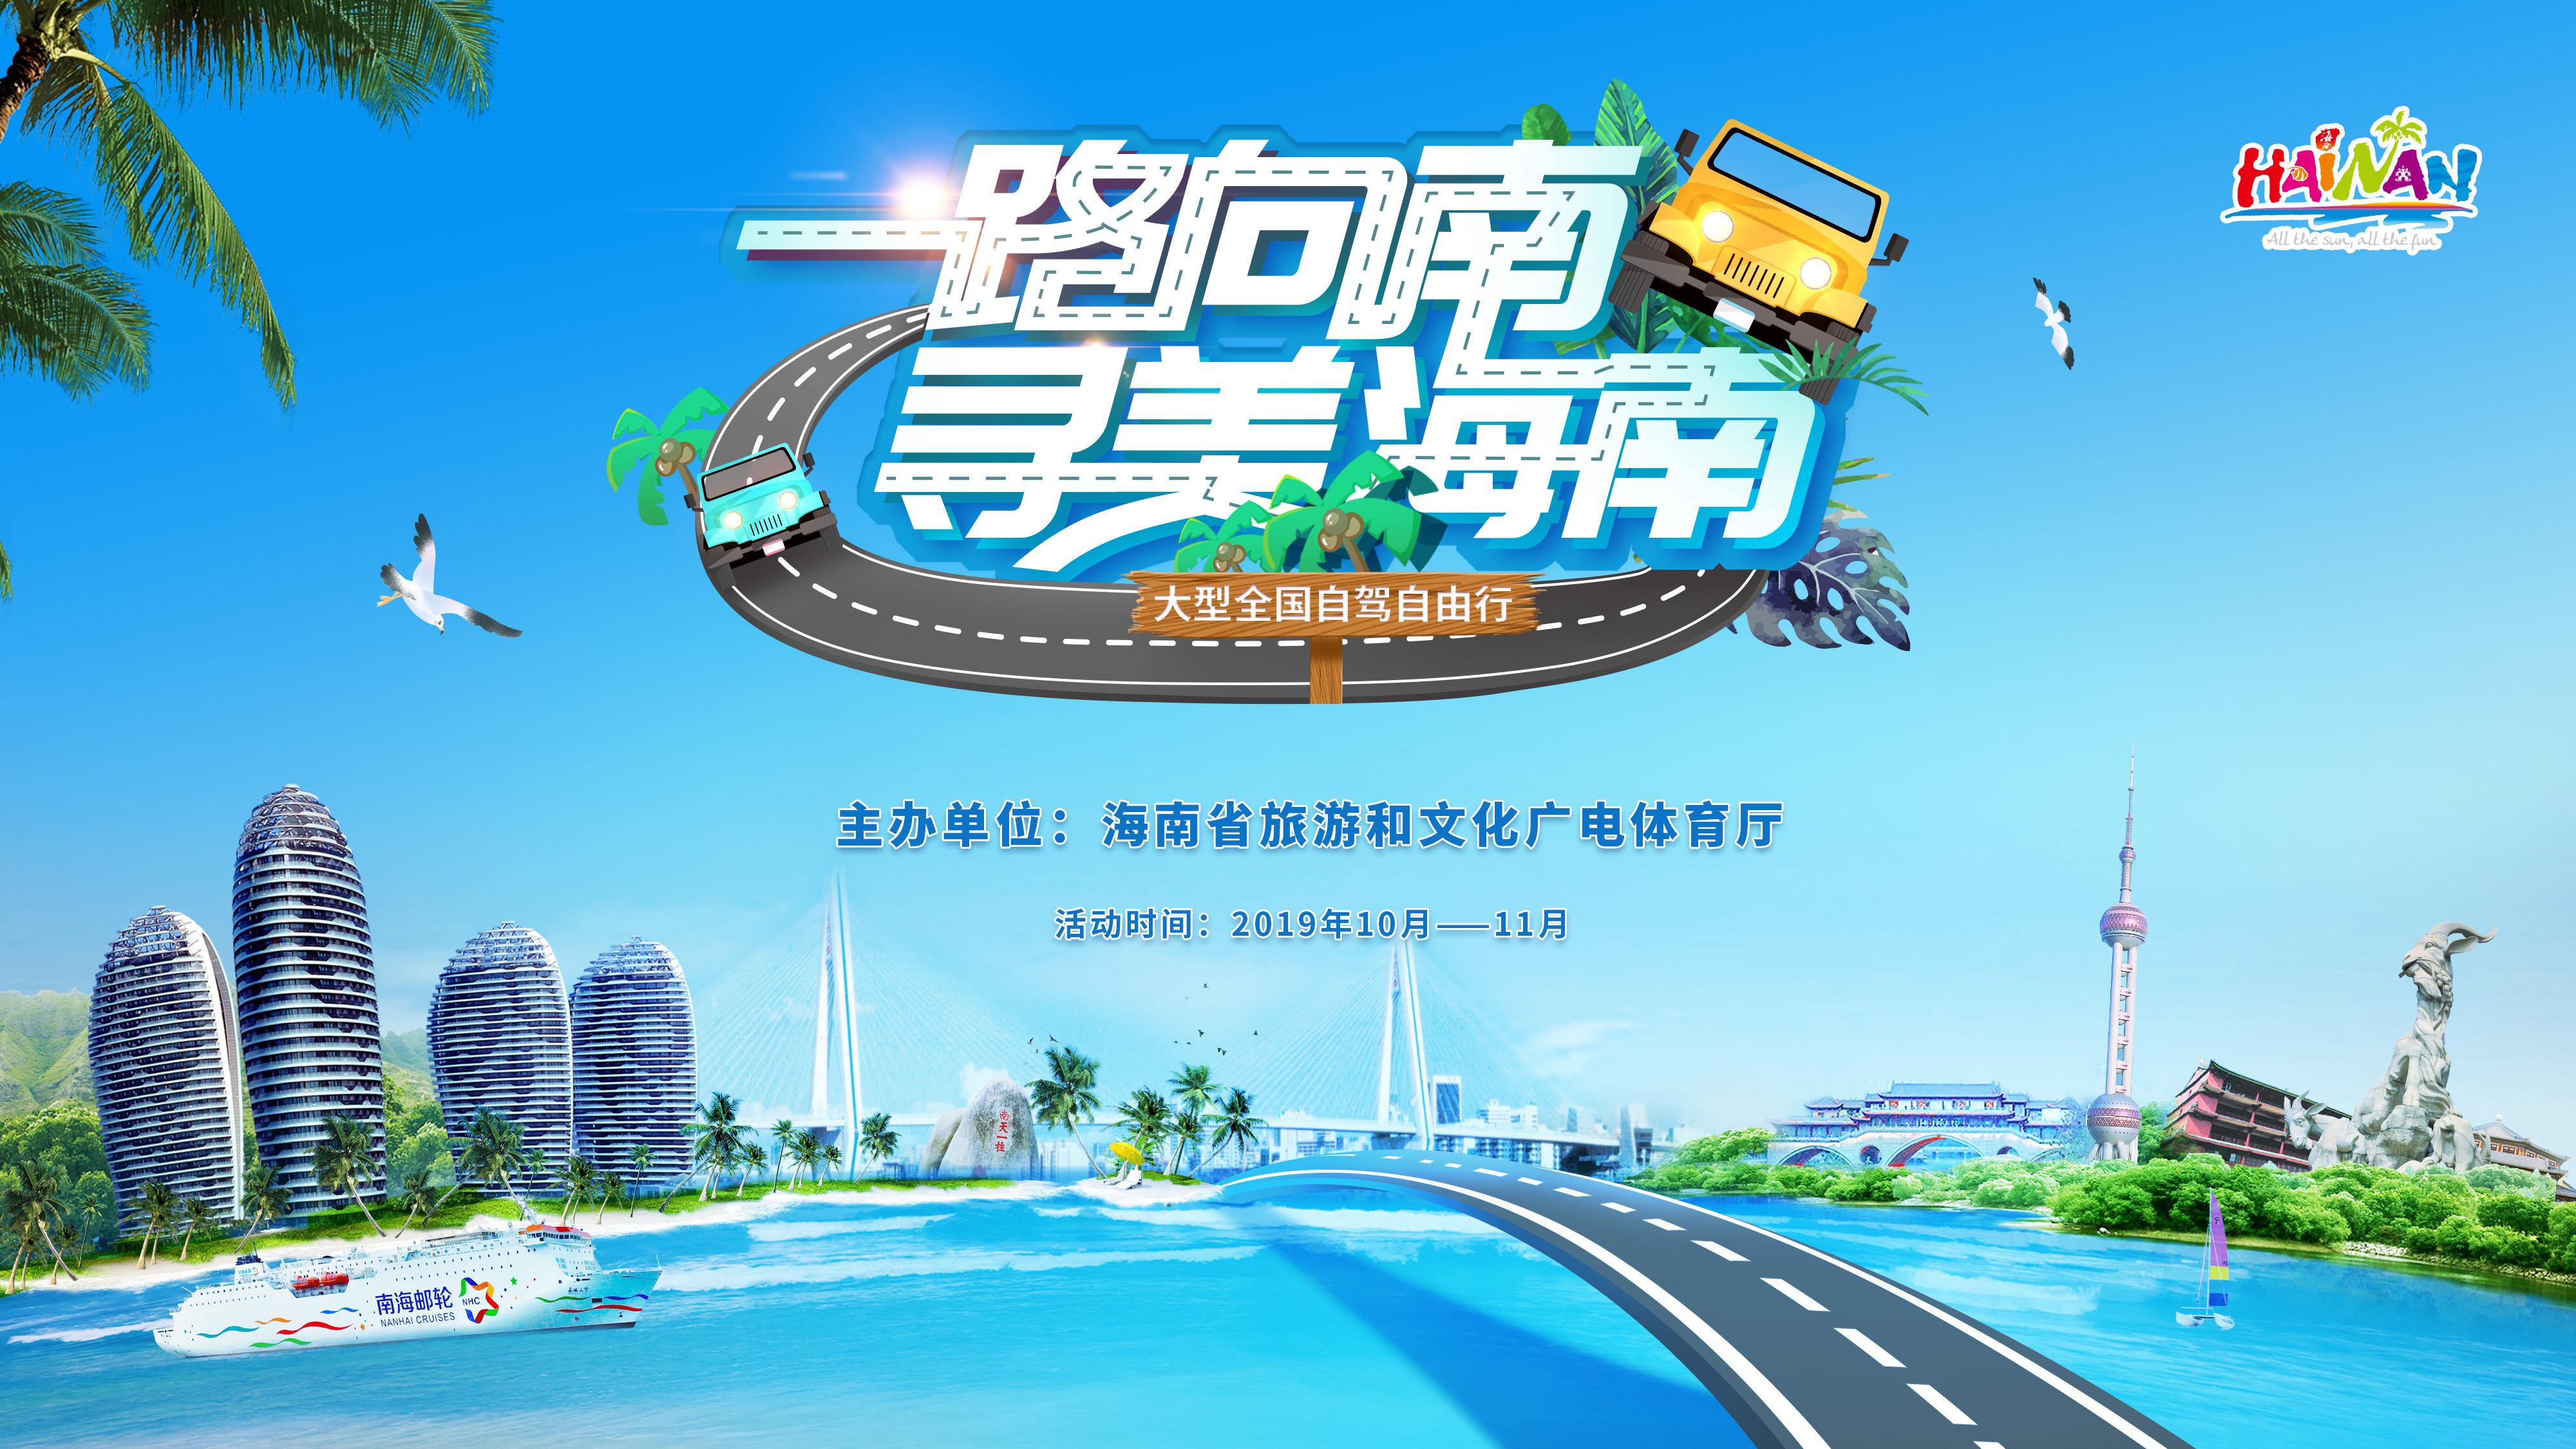 """上海自驾出发去海南!超多福利优惠让你""""寻美海南""""!"""